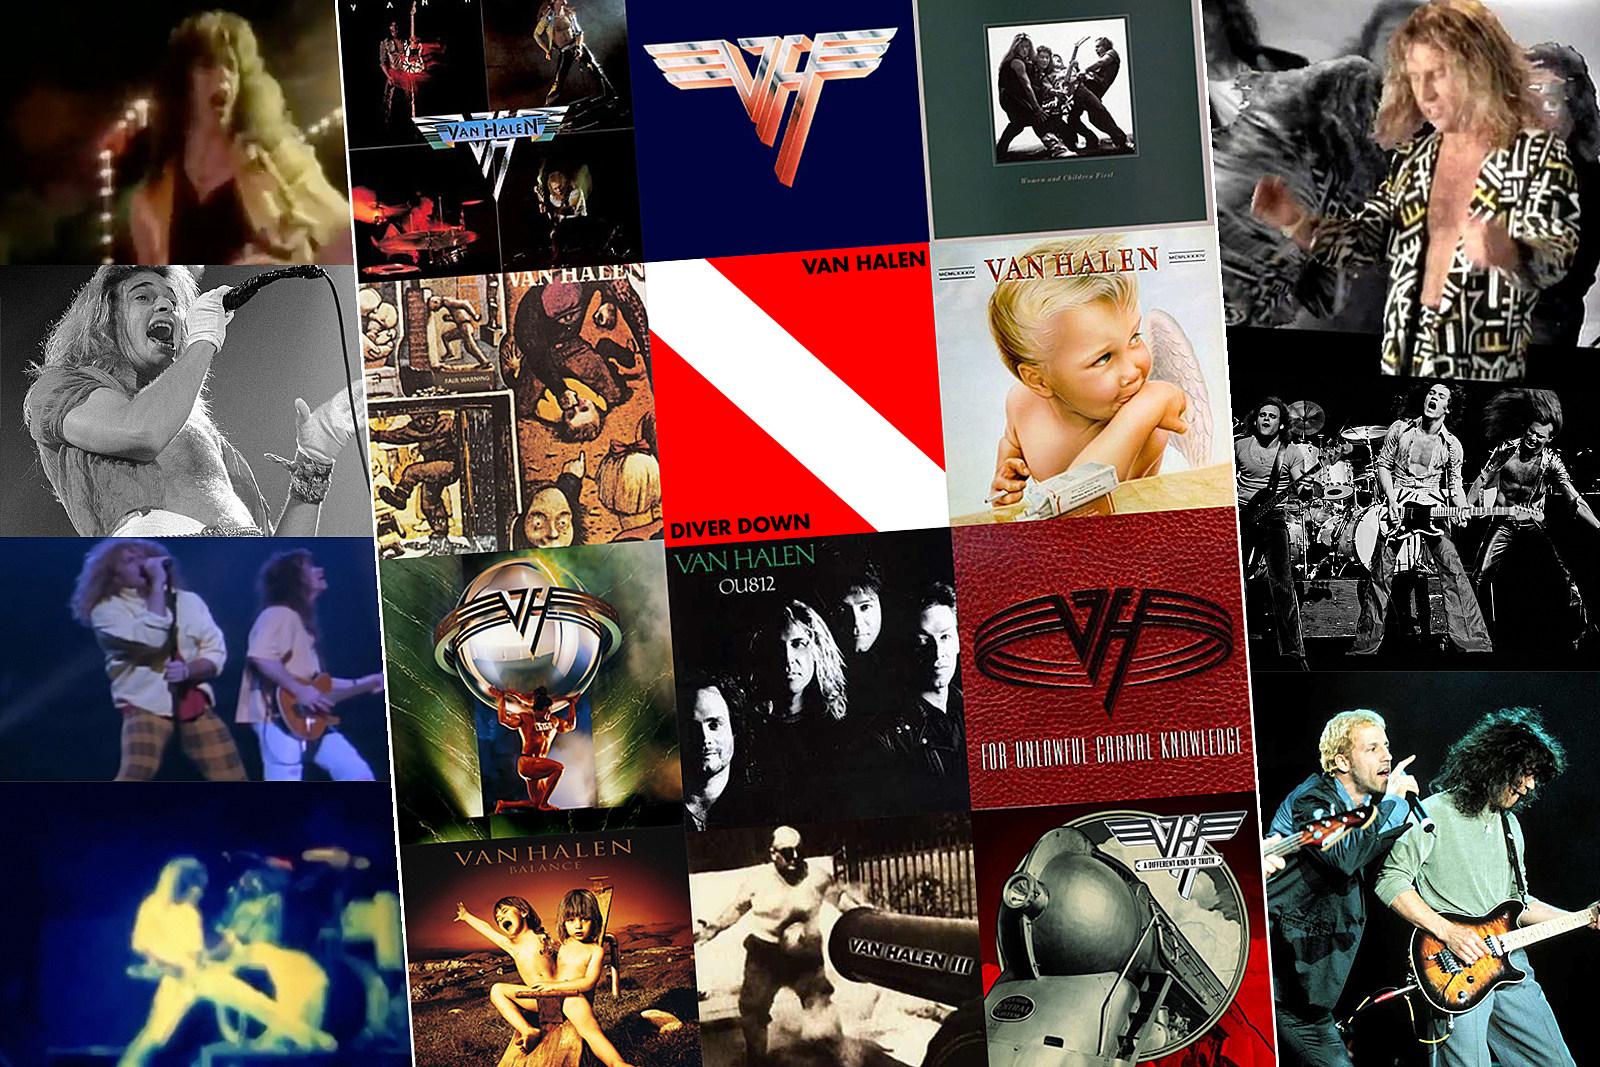 Underrated Van Halen: The Most Overlooked Song From Each Album